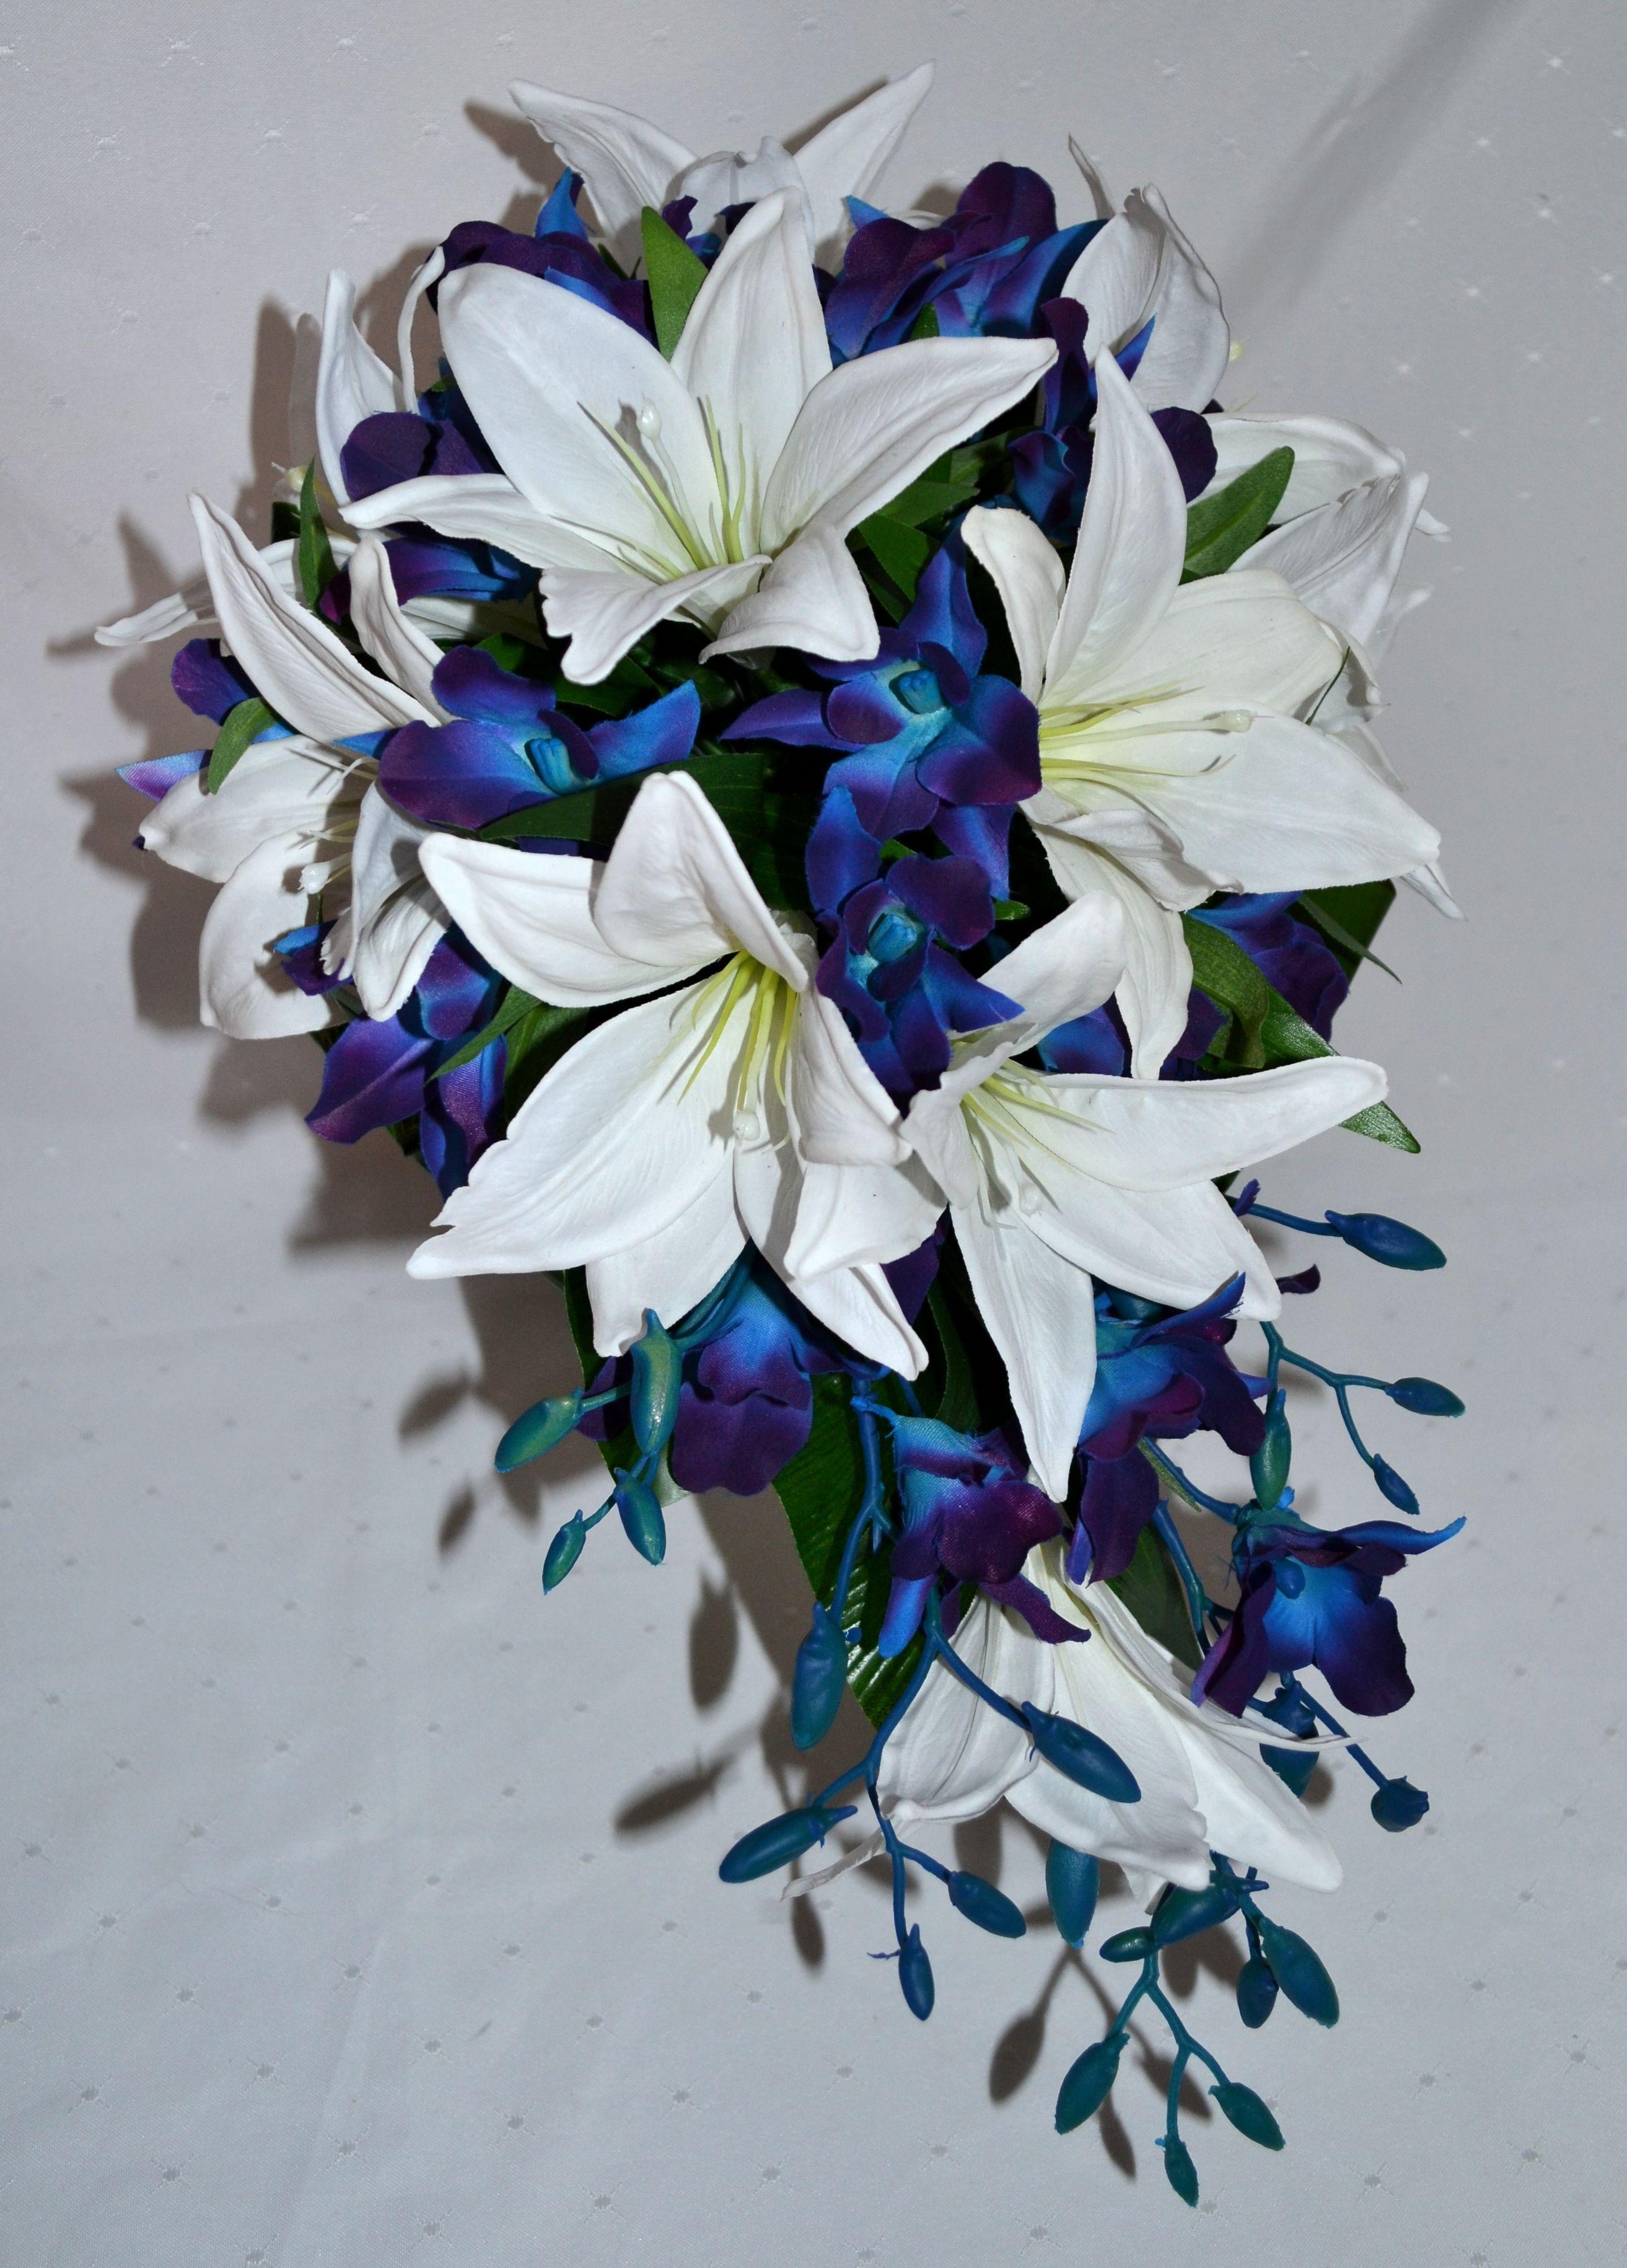 зори букет из синих лилий фото современного дизайна, мебель